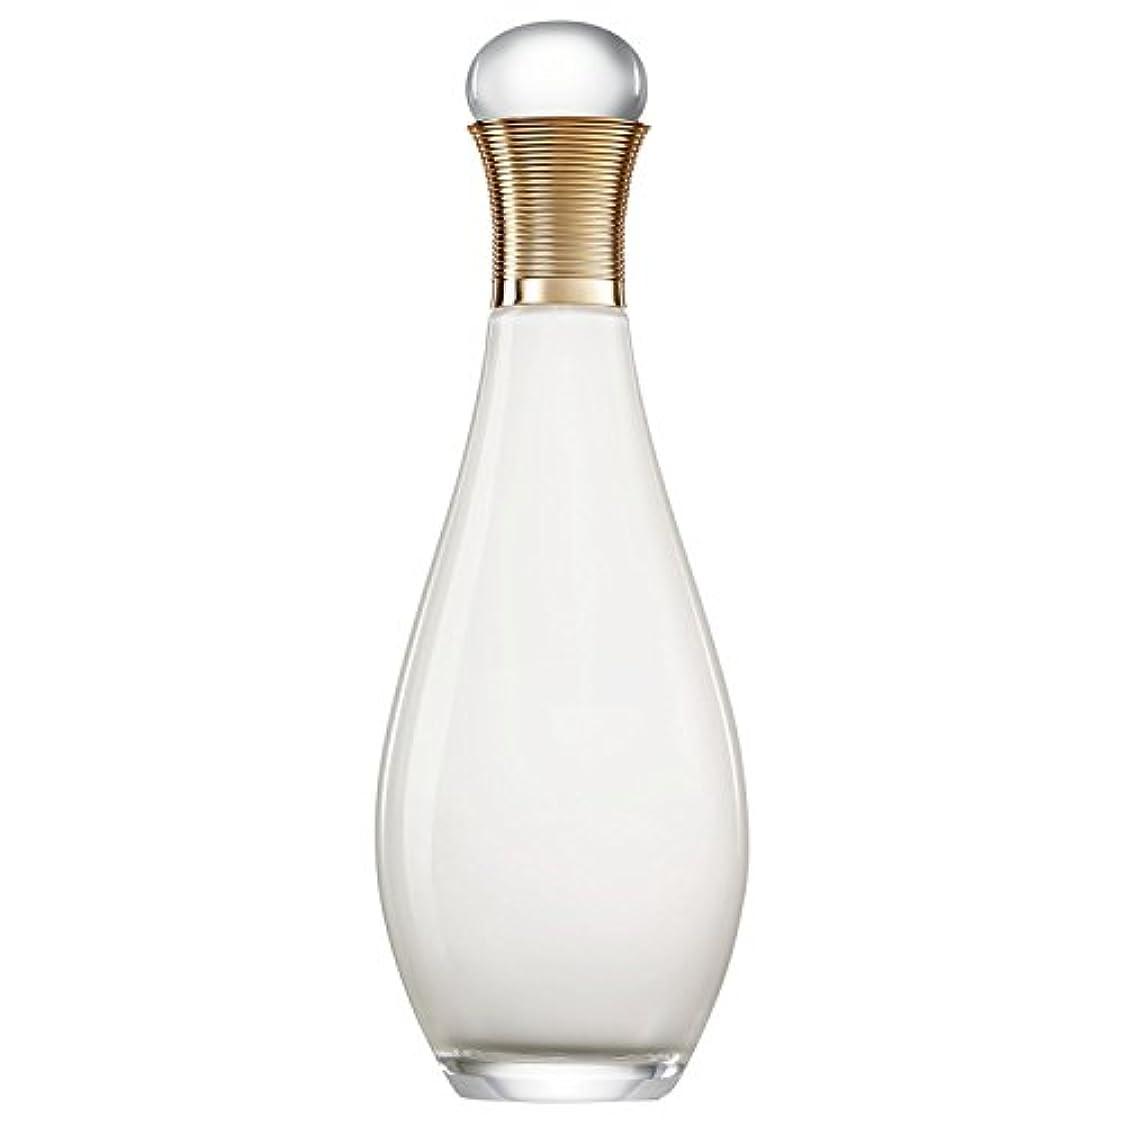 ダニレバー許さない[Dior] ディオールジャドールの美化ボディミルク150ミリリットル - Dior J'Adore Beautifying Body Milk 150ml [並行輸入品]